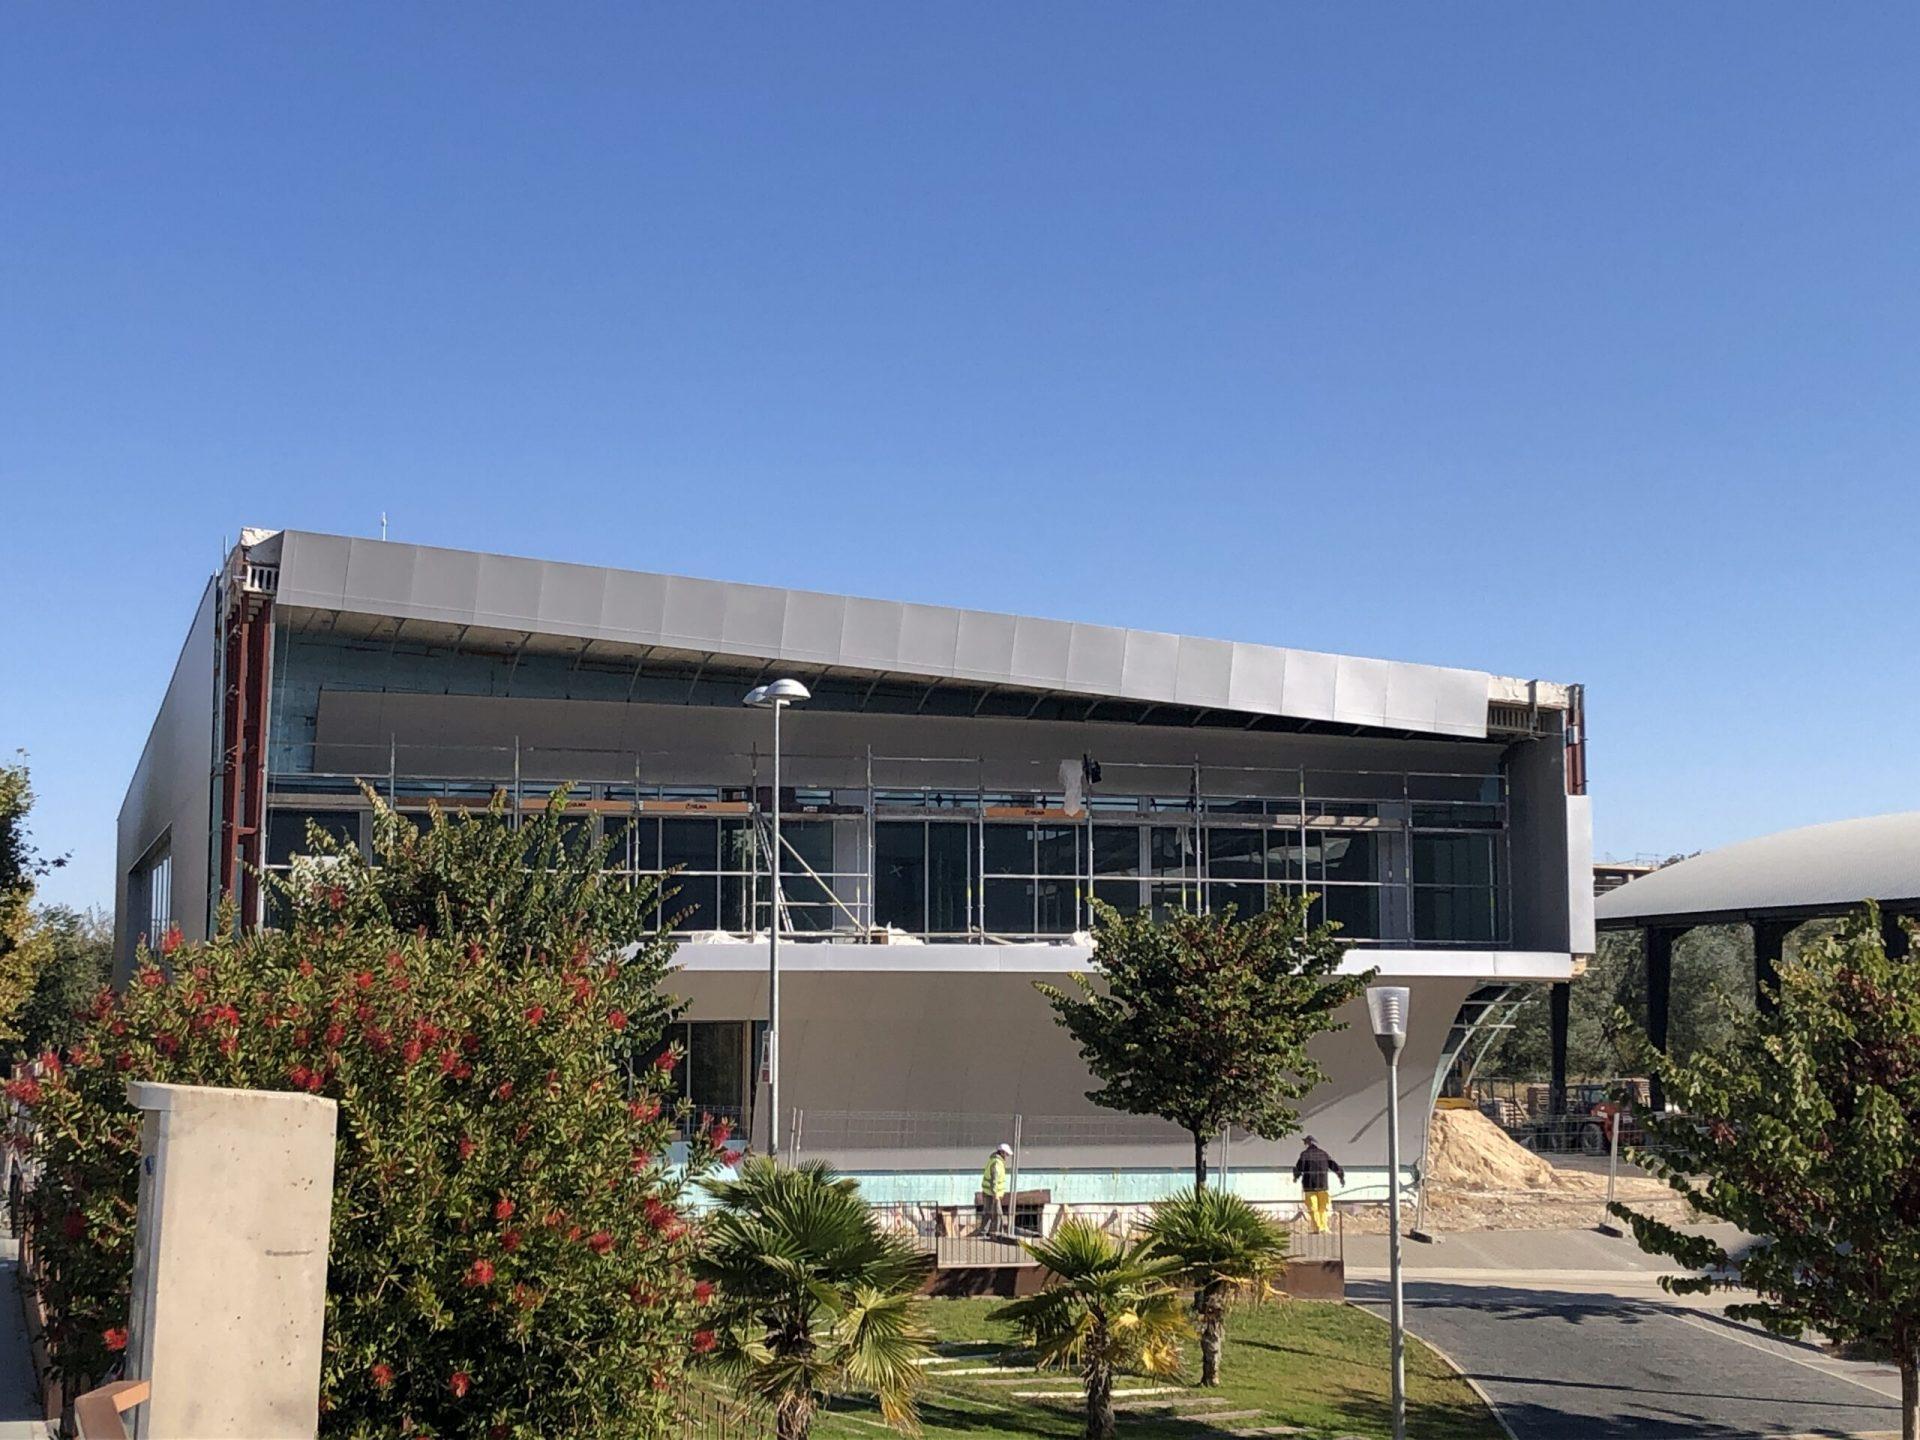 Centro Cívico Cuarte de Huerva